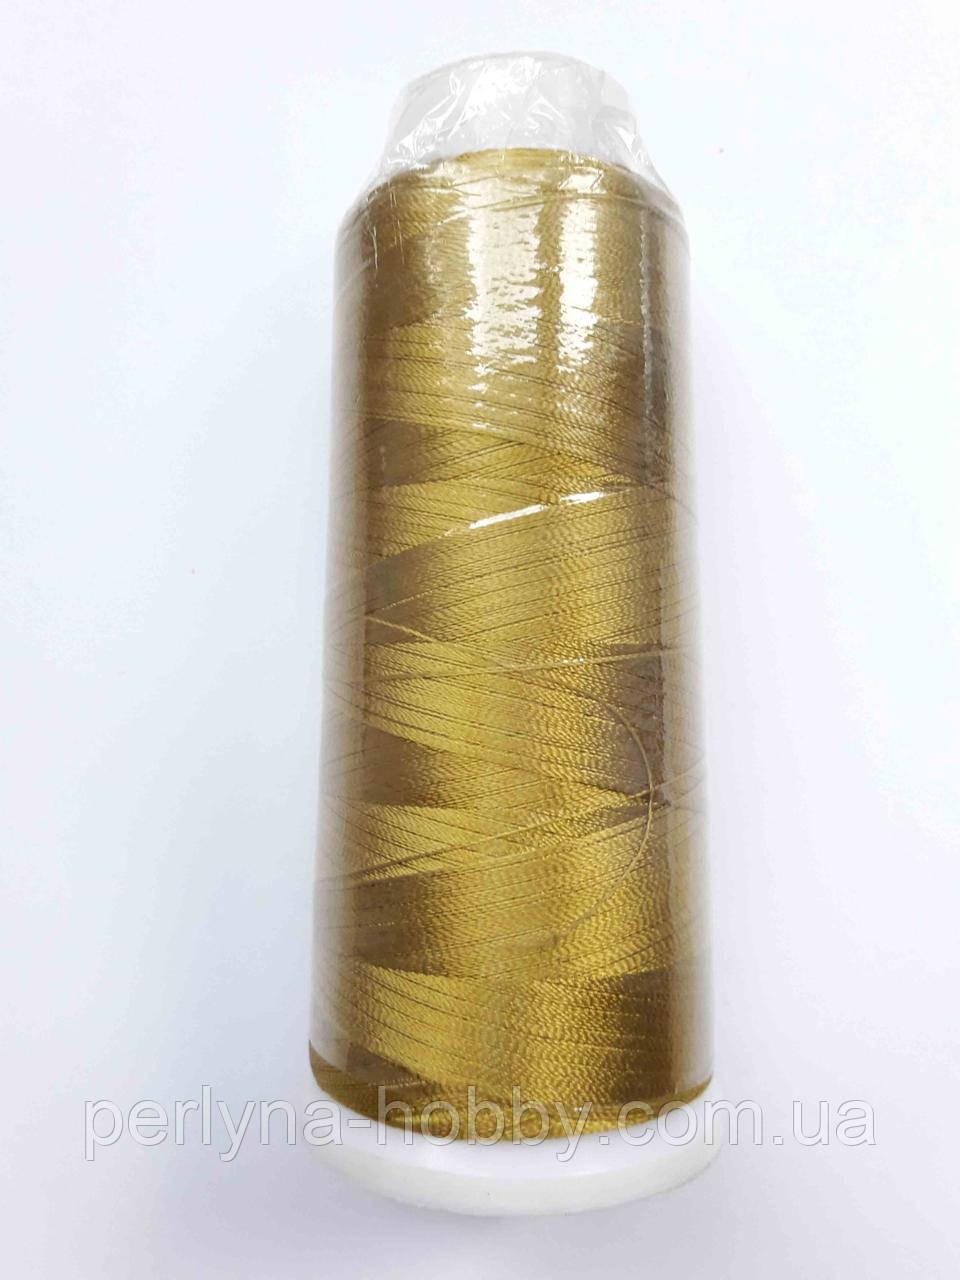 Нитки для машинної вишики 100% віскоза (100% rayon) 3000 ярдів, №175, золотисто-оливковий, темний